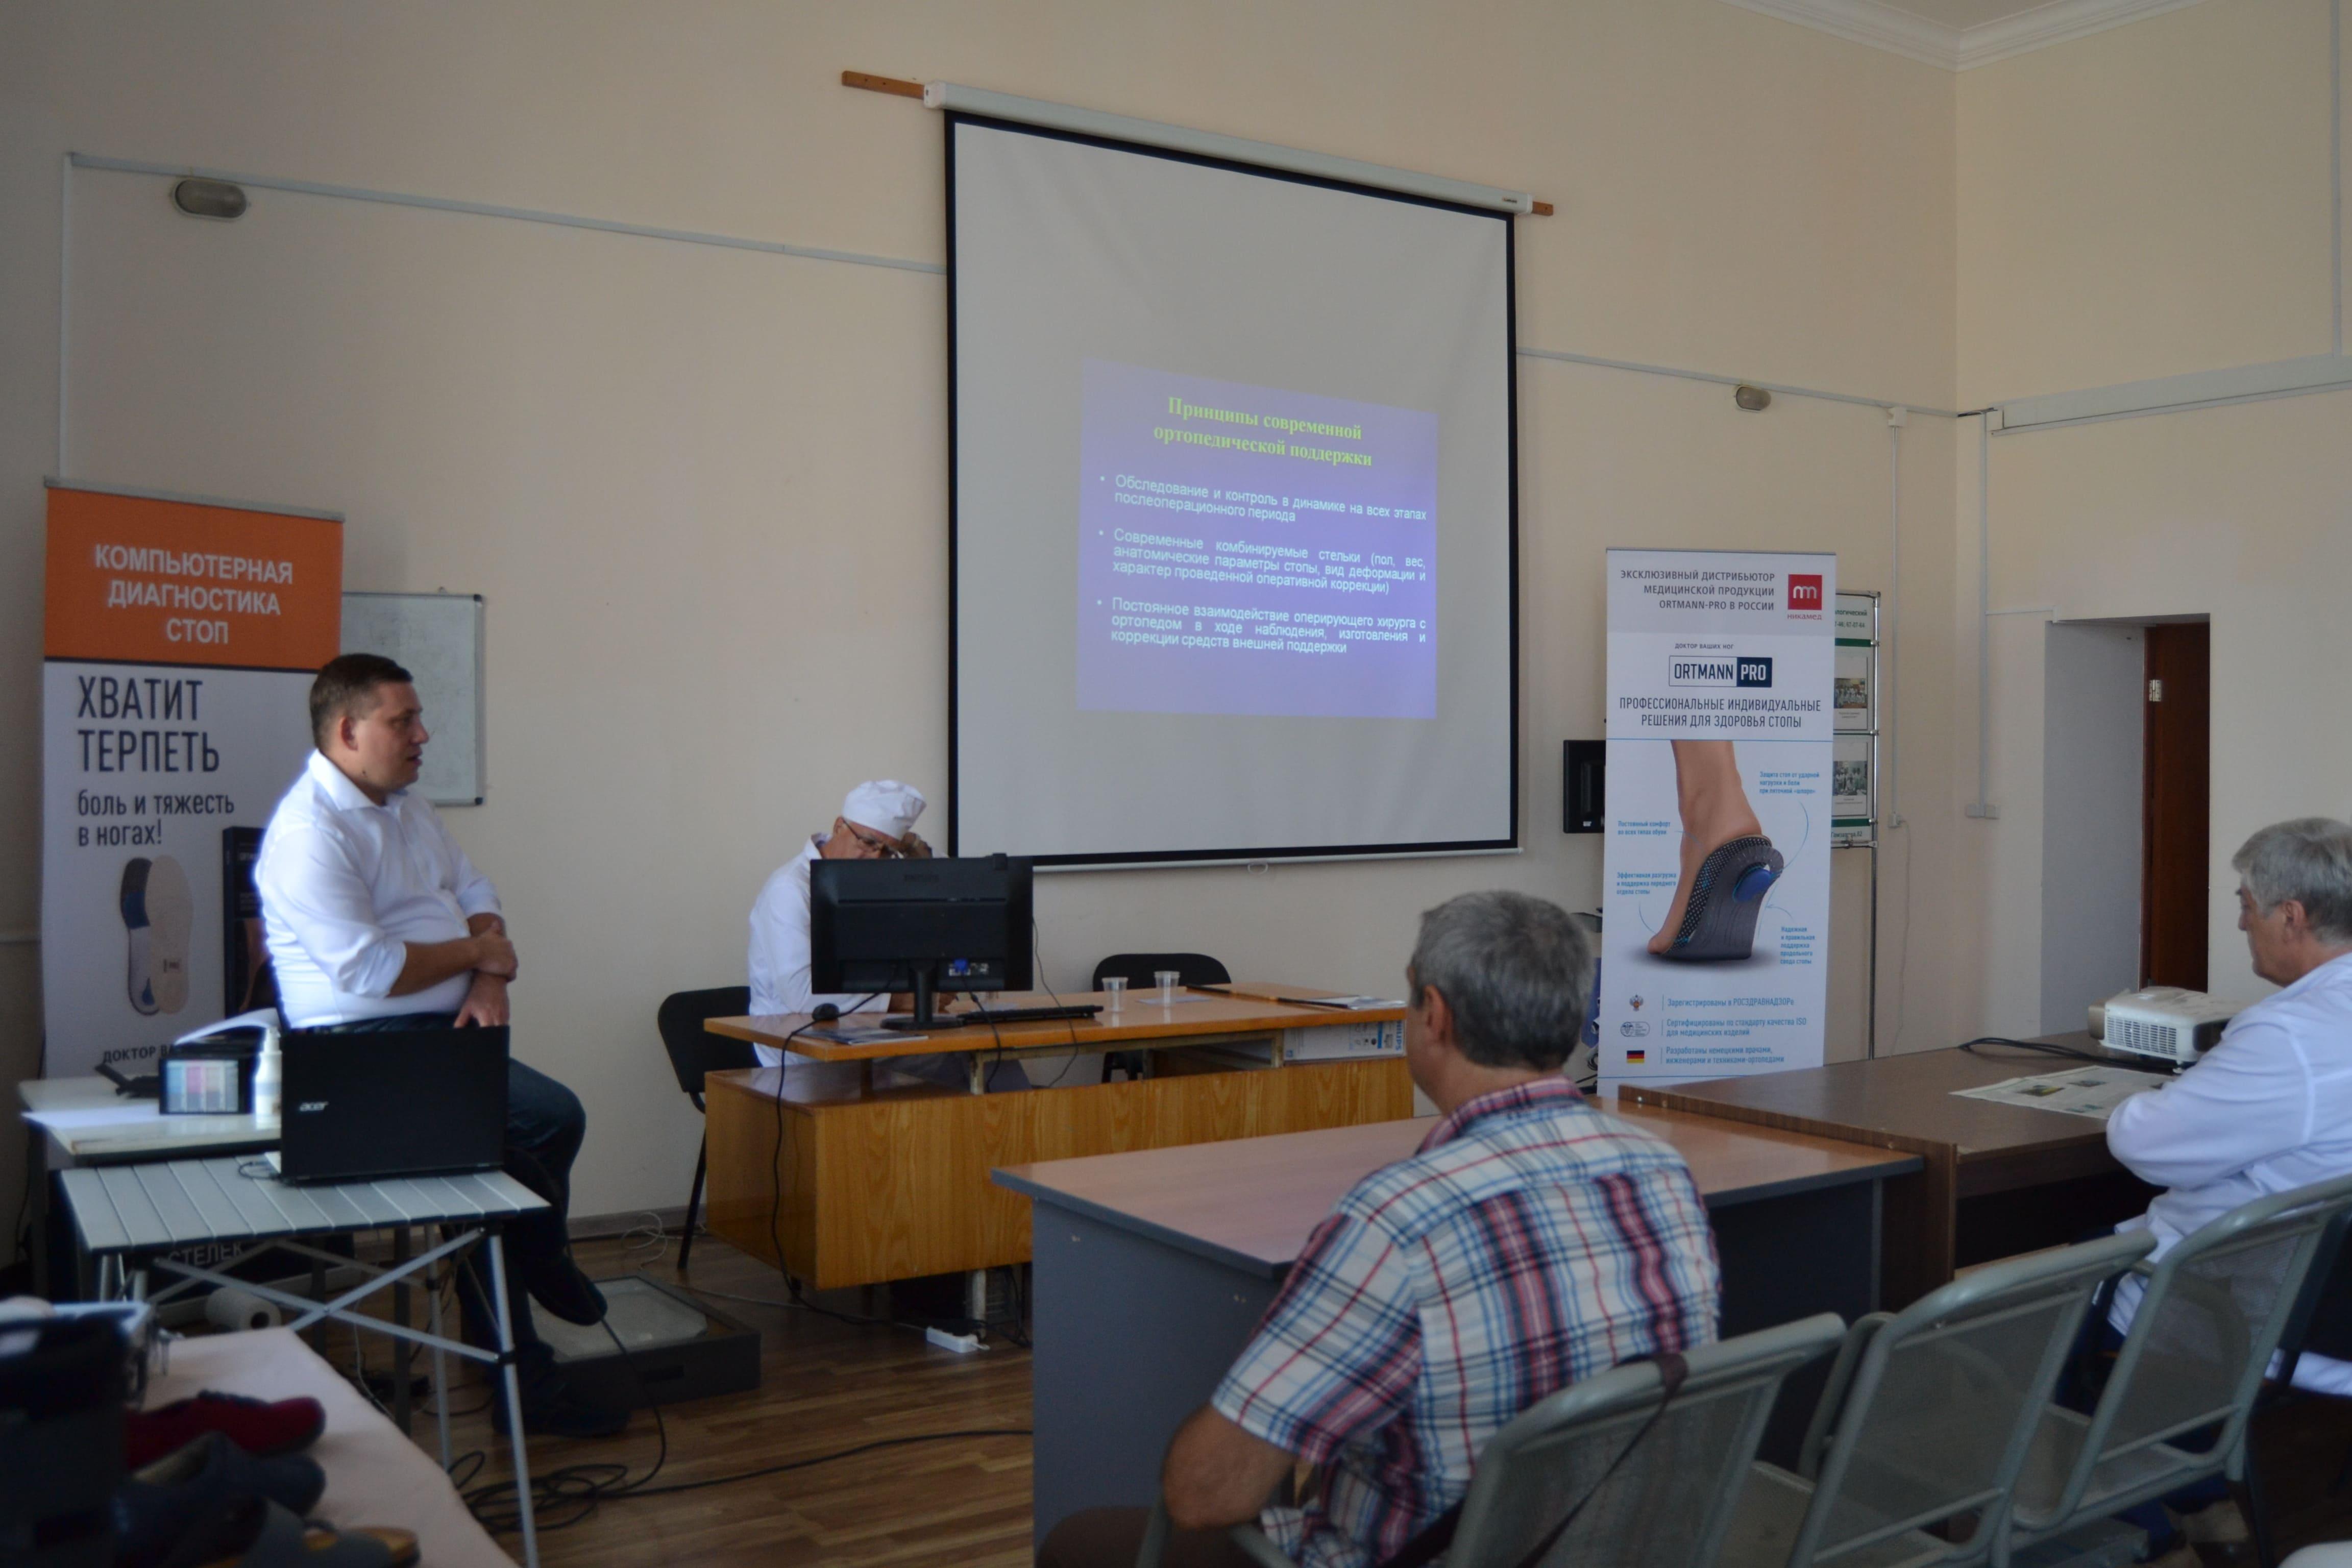 Ортопедическую поддержку на этапах оперативной коррекции патологии стопы обсудили на конференции в Махачкале